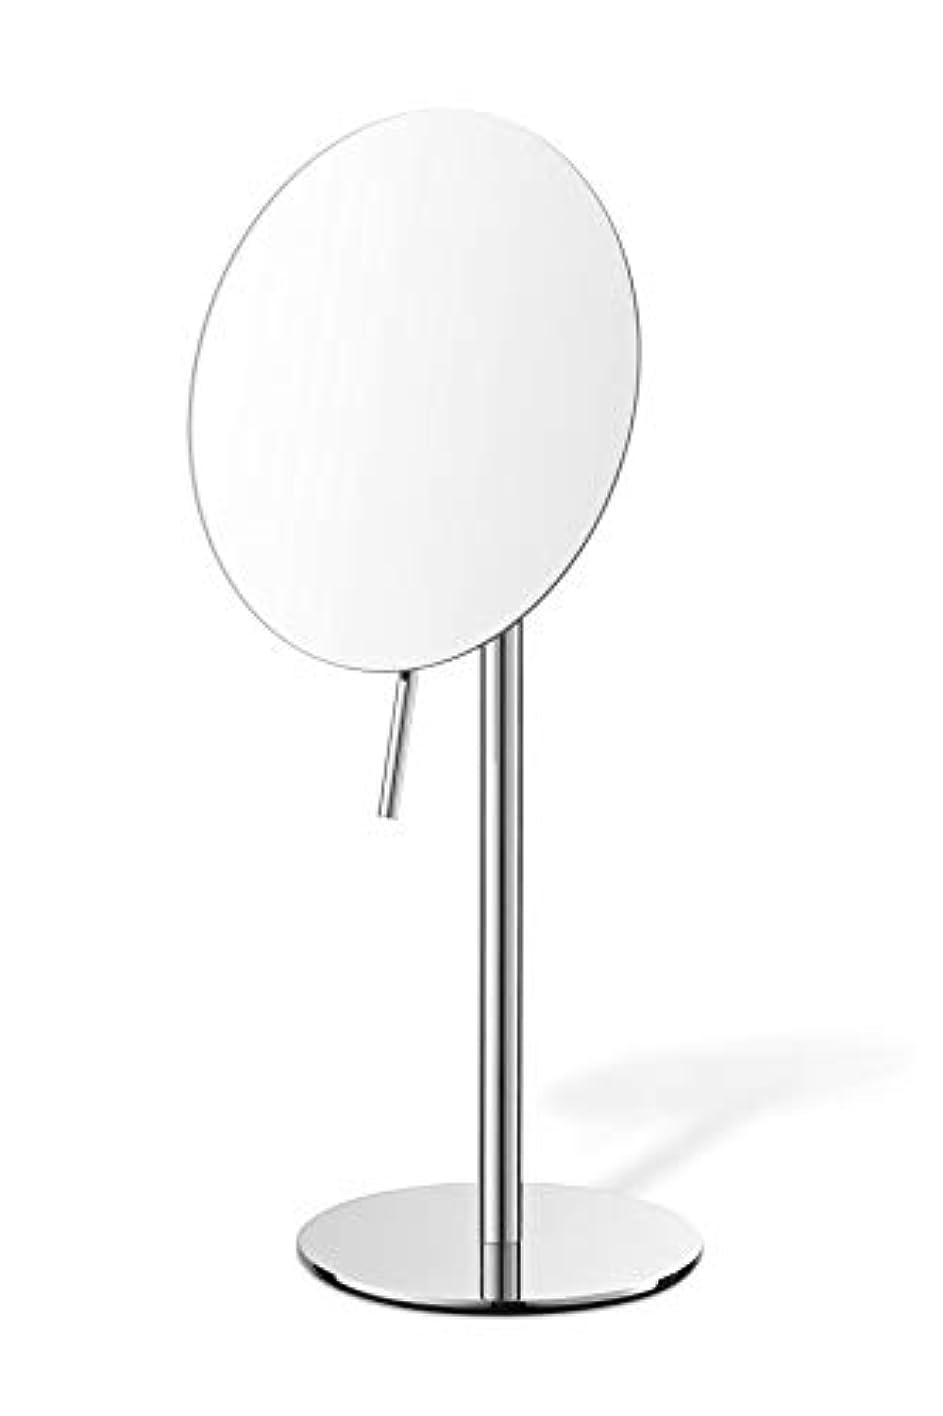 分配します不良ピニオンZACK ツァック 40075 AVIO cosmetic mirror, round, 5X zoom コスメティックミラー(5倍拡大鏡)